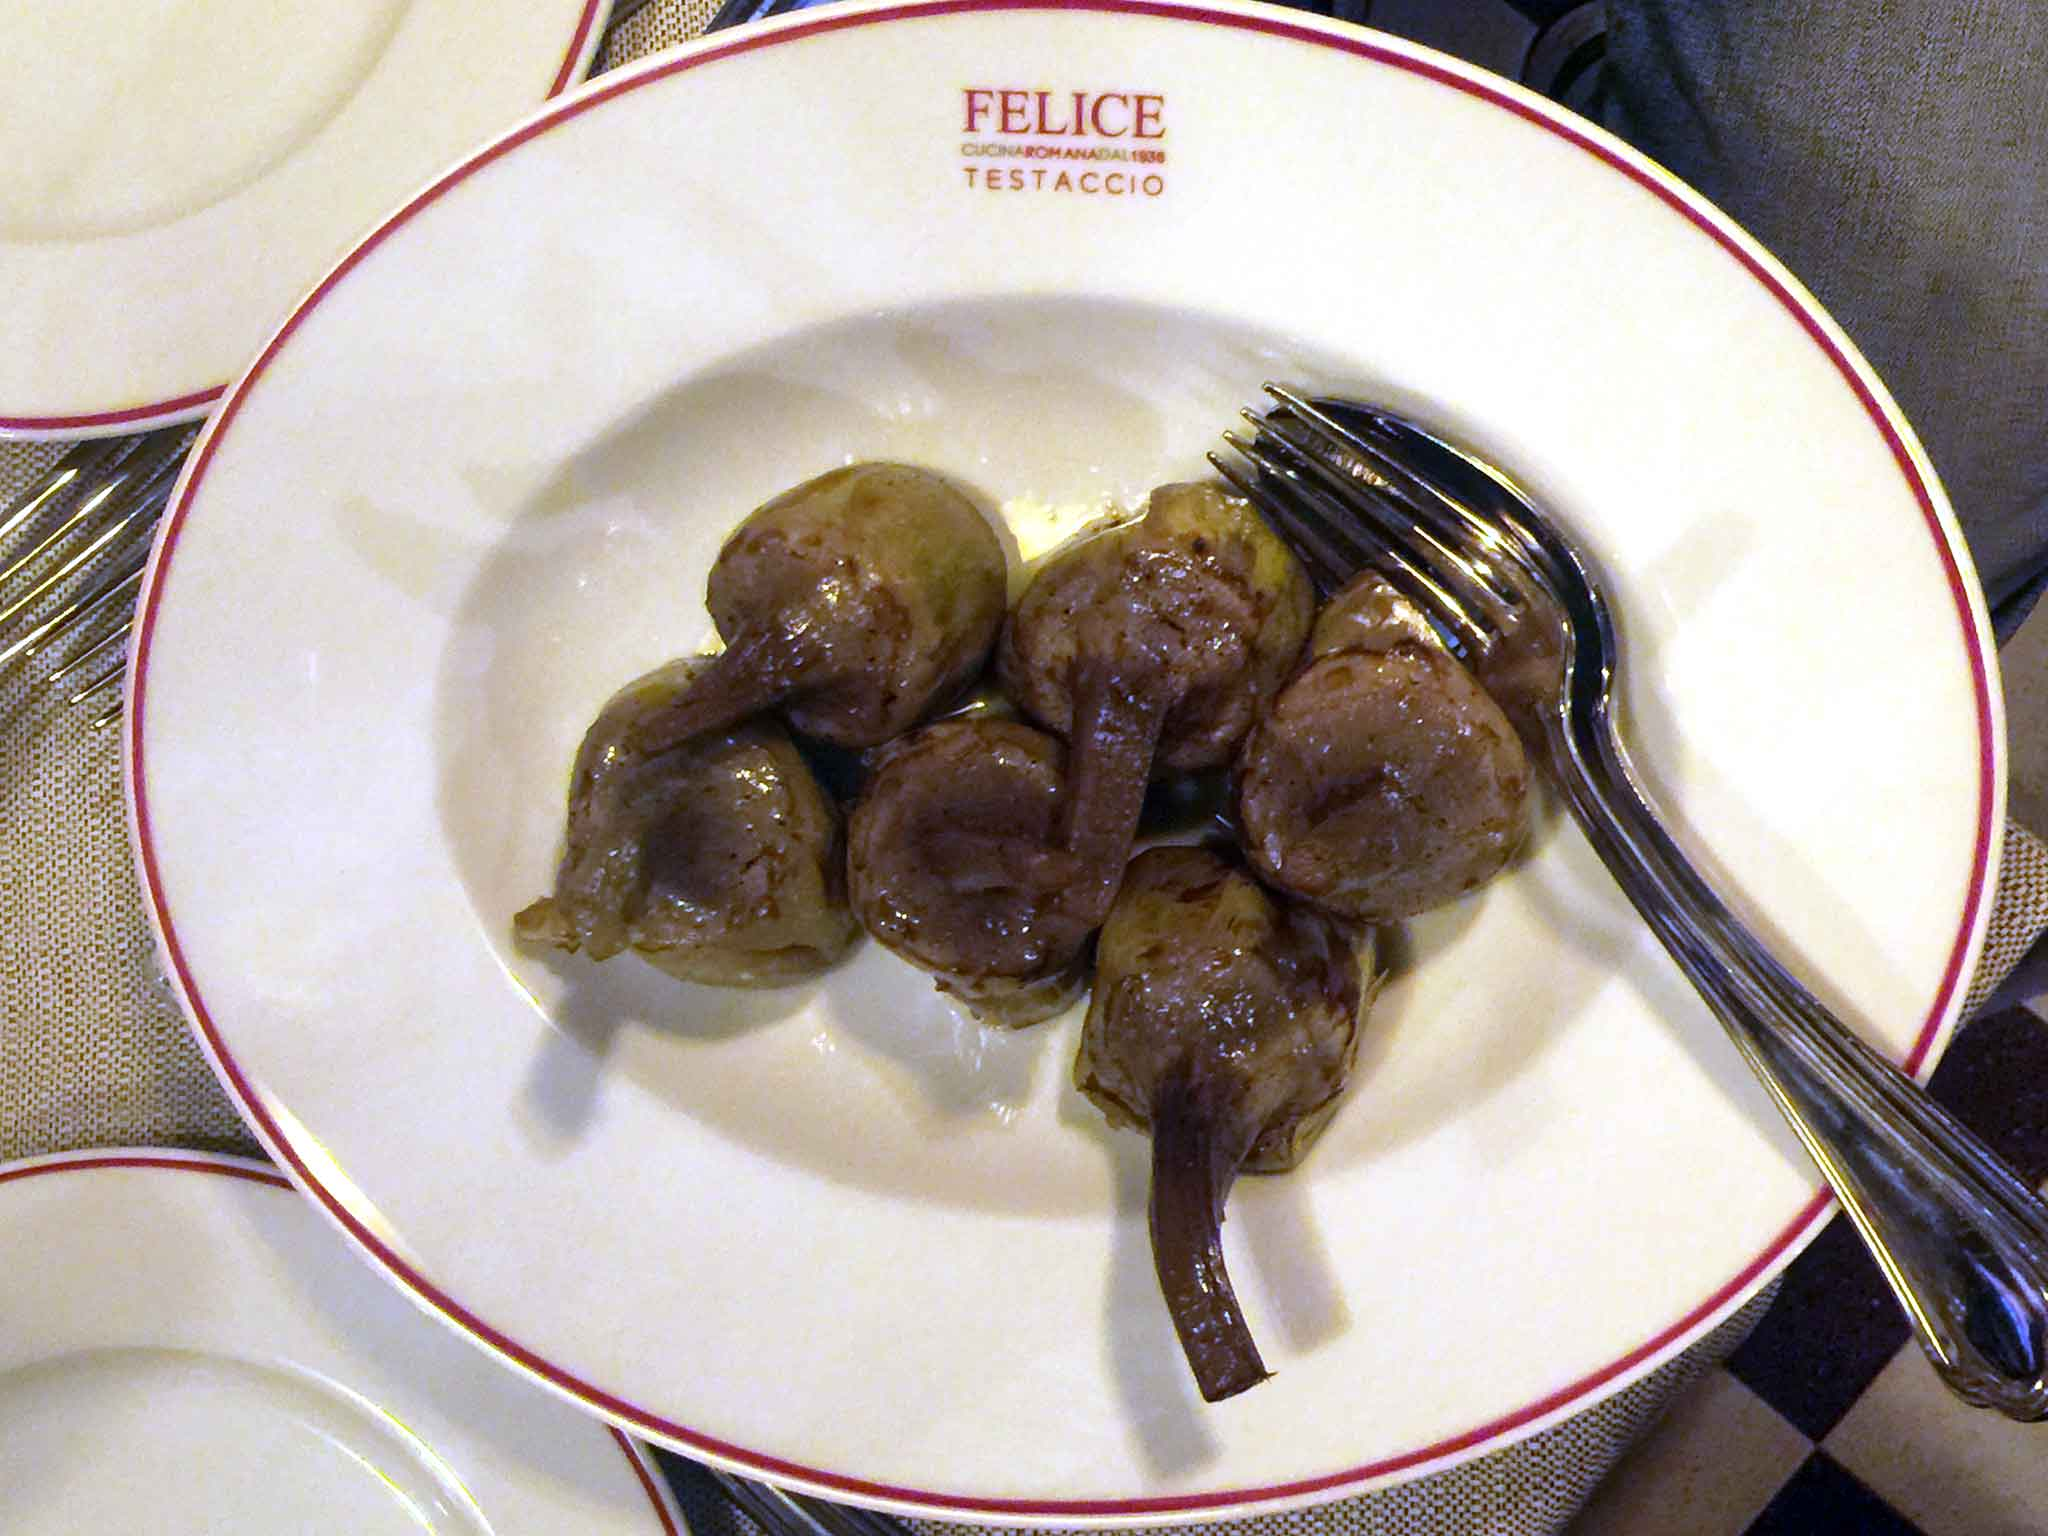 Felice a testaccio a milano com 39 cosa si mangia quanto for Piatti tipici della cucina romana